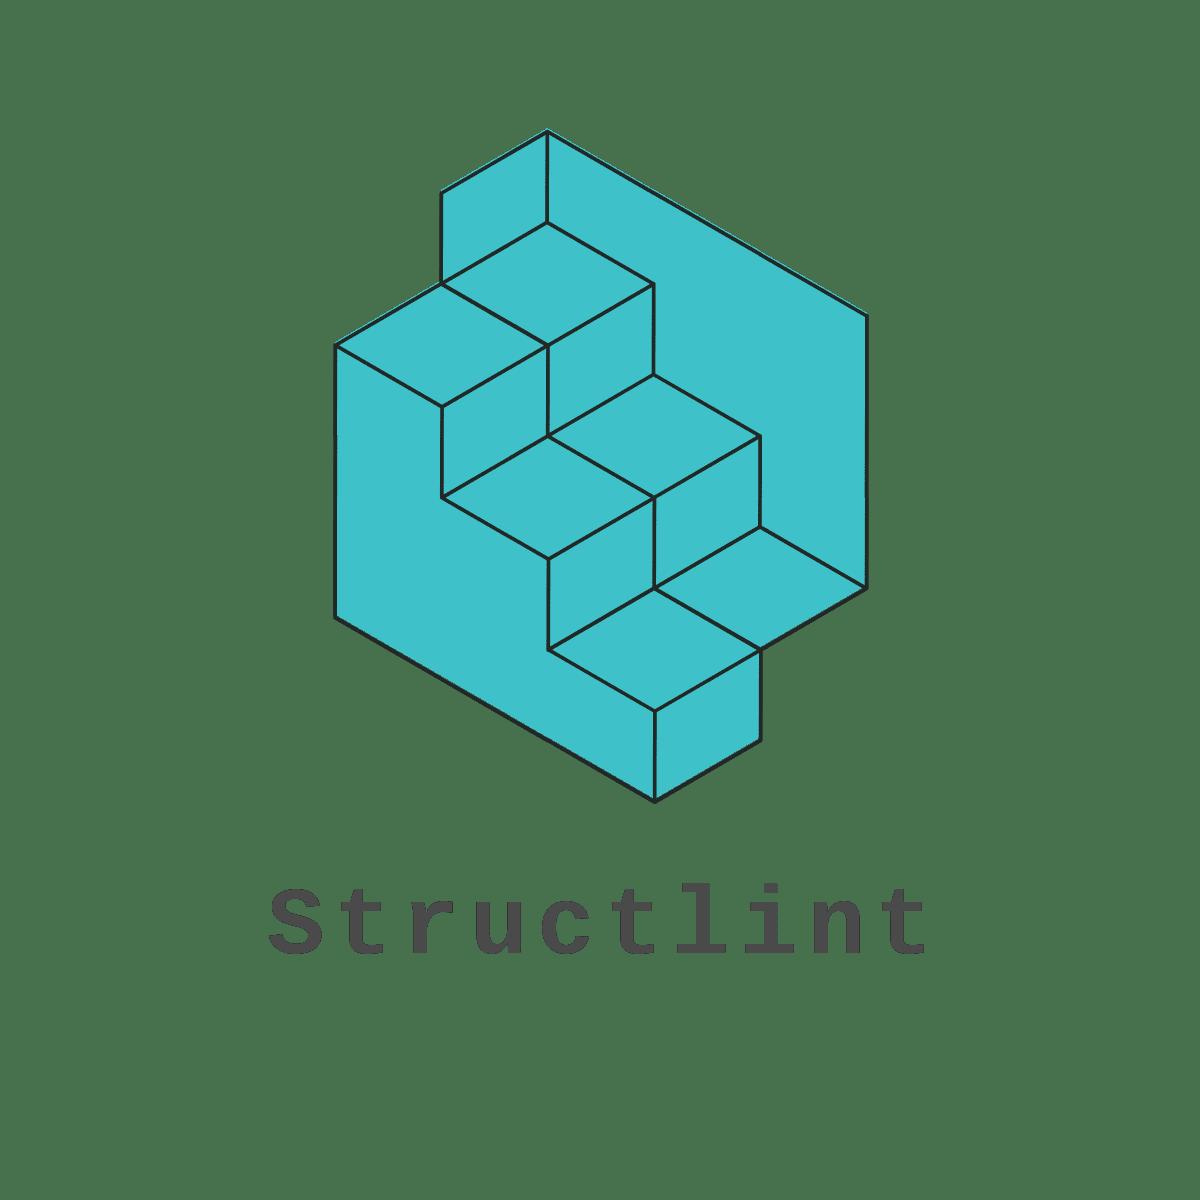 structlint